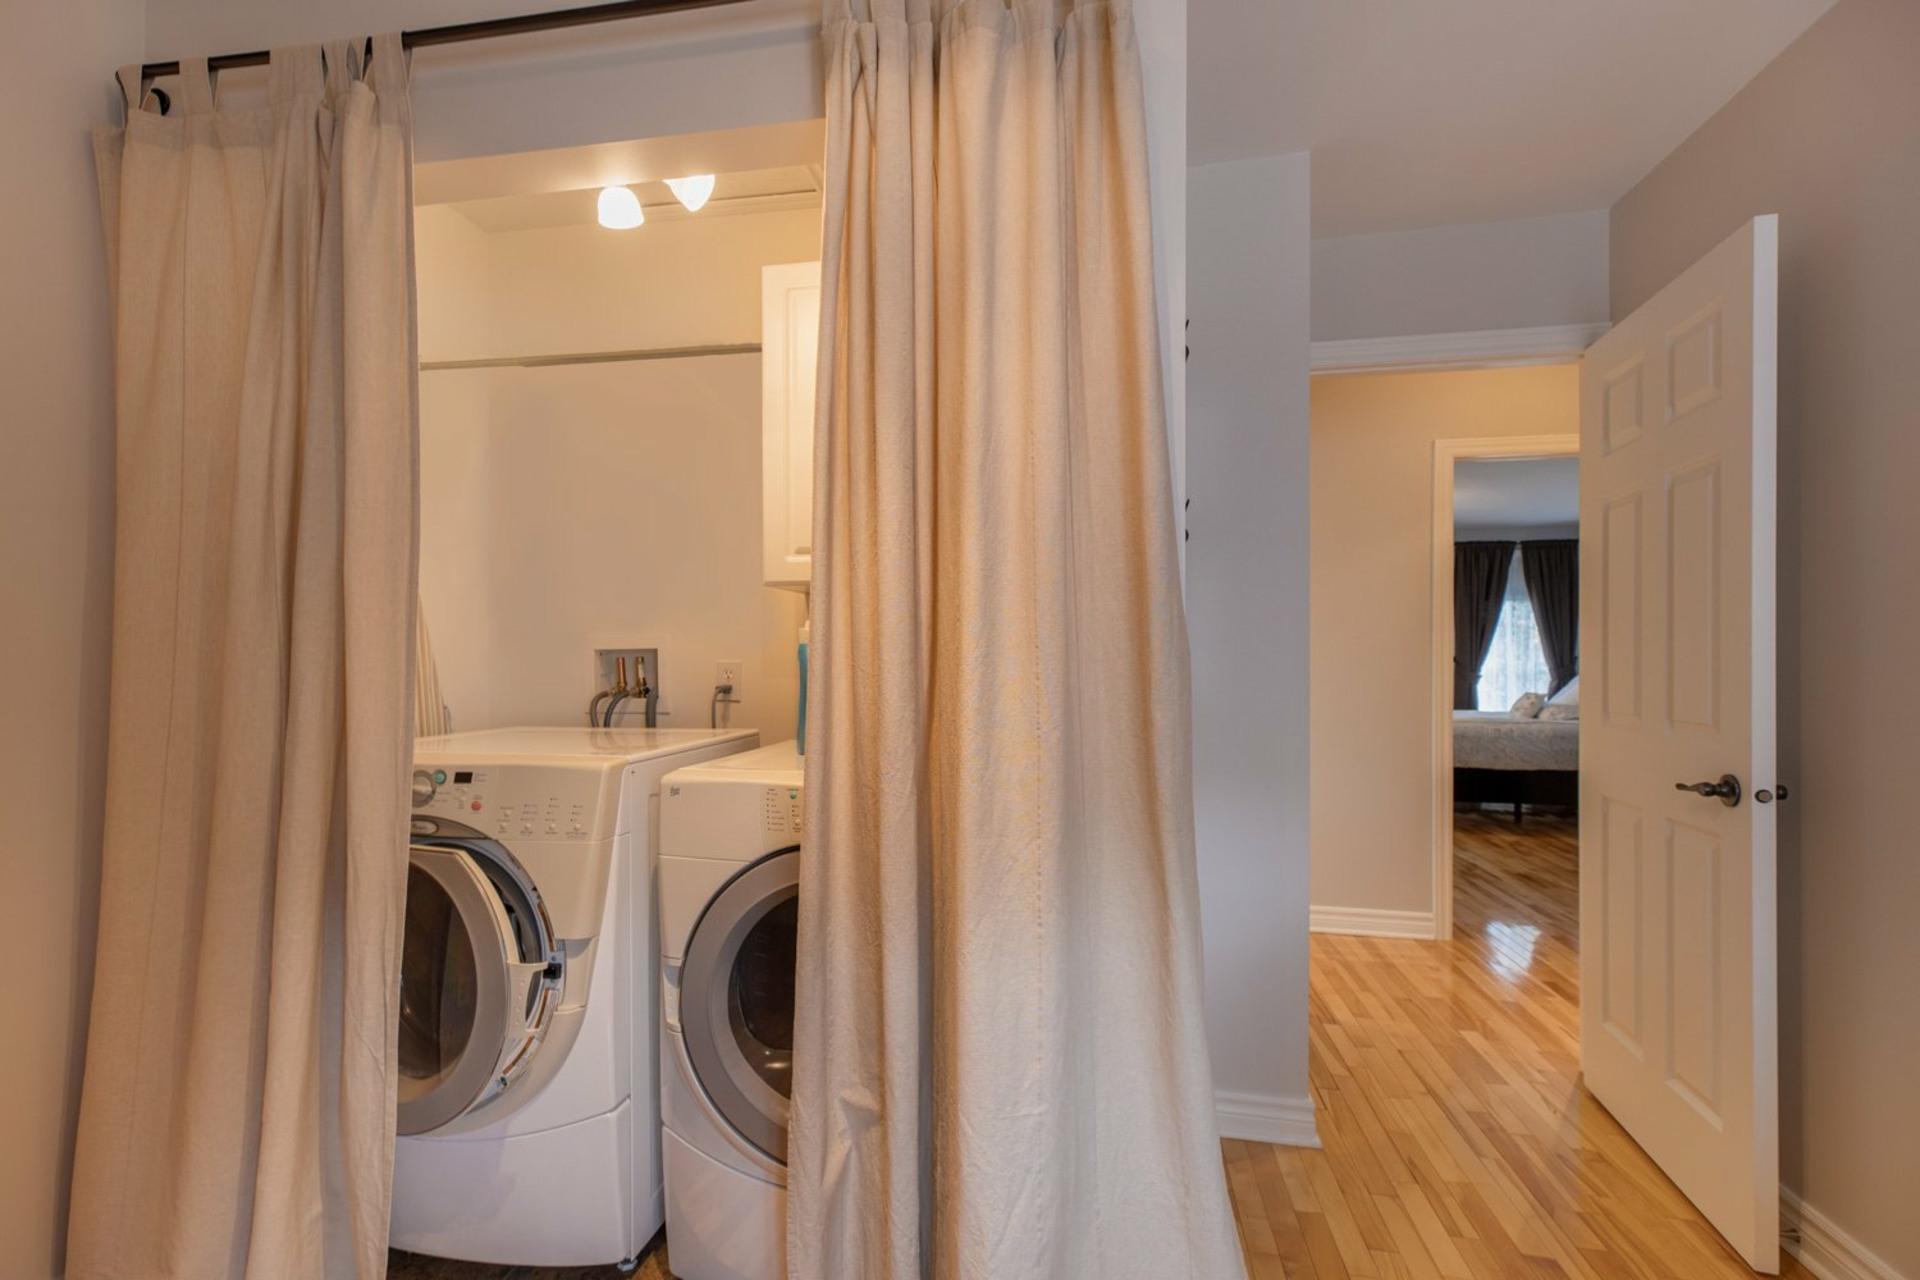 image 20 - House For sale Ahuntsic-Cartierville Montréal  - 8 rooms